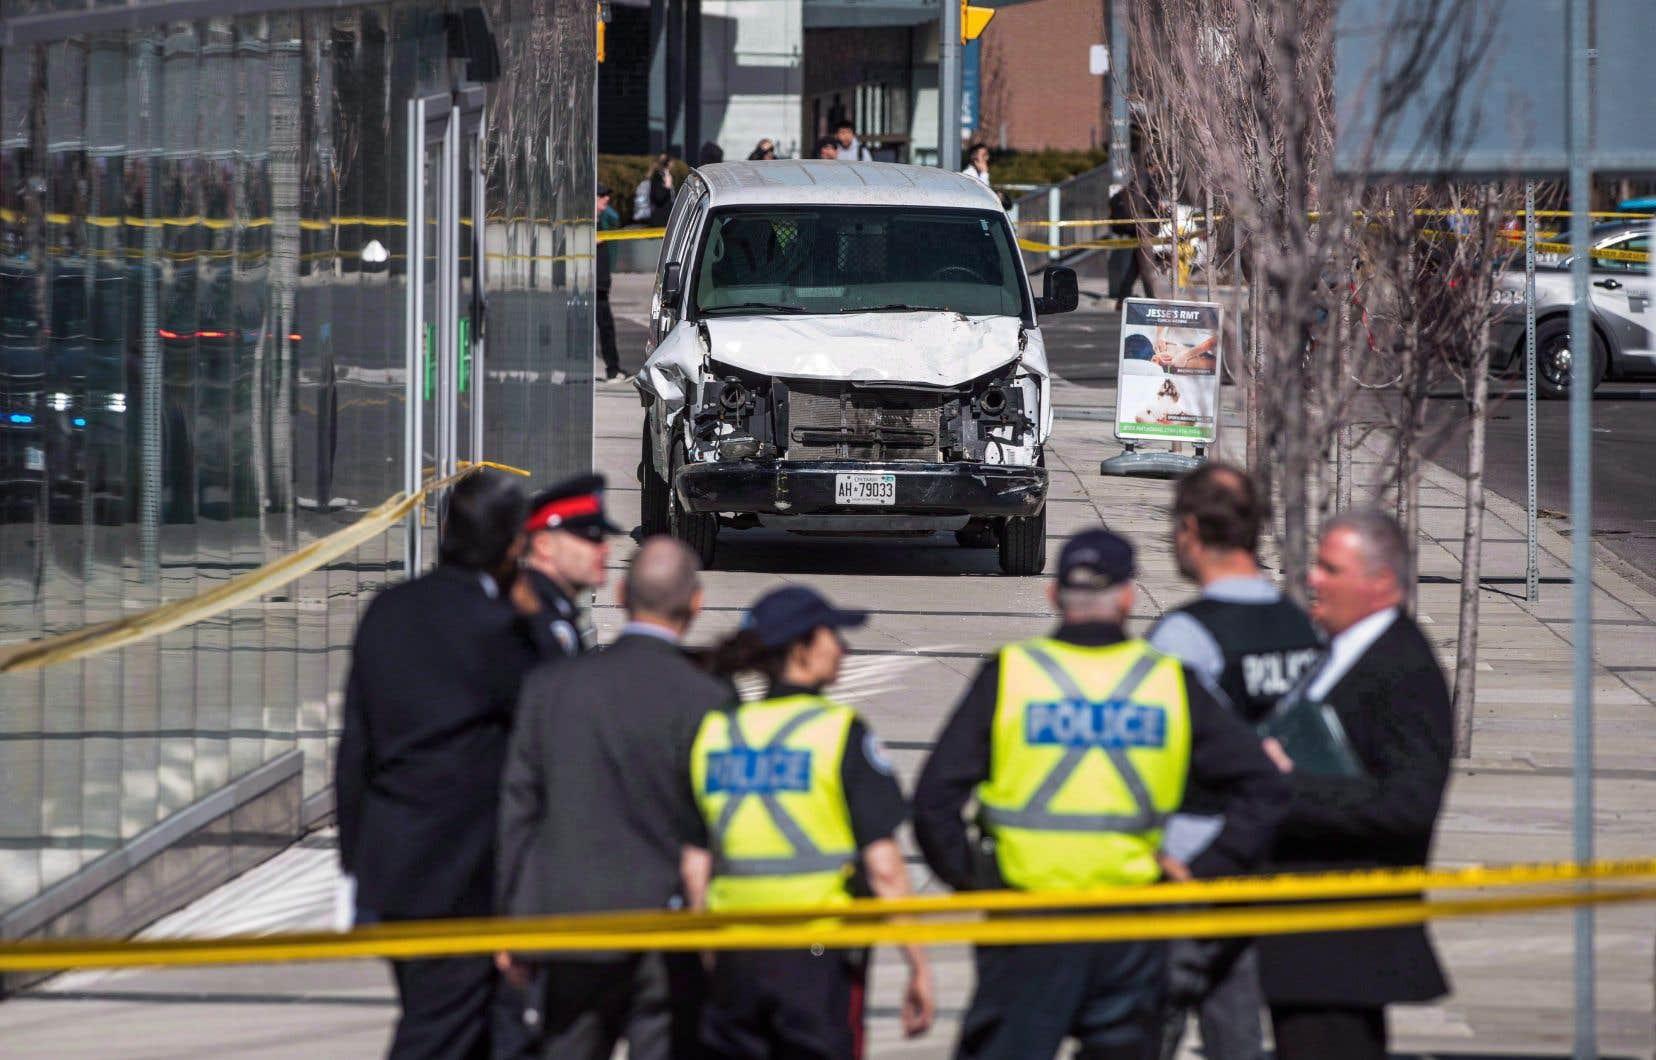 Le 23 avril 2018, Alek Minassian avait foncé sur des passants qui marchaient sur le trottoiravec une camionnette, faisant 10 morts et 16 blessés.